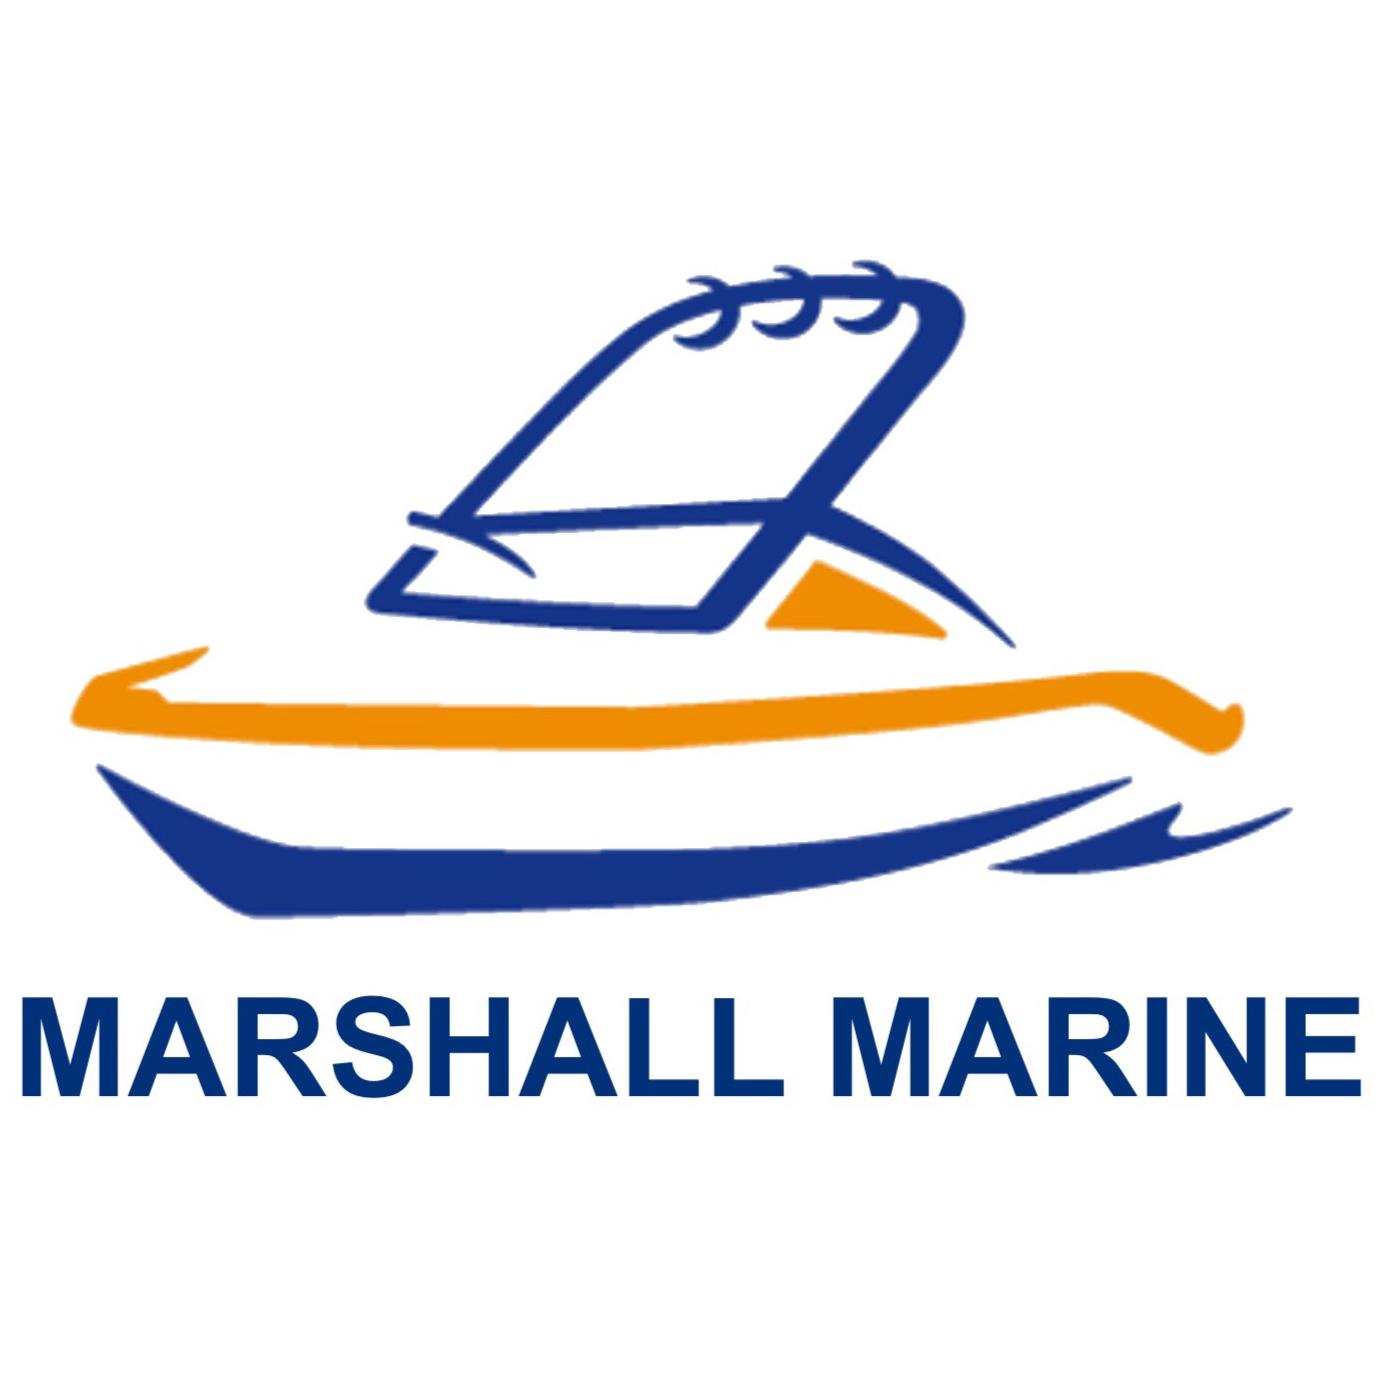 Marshall Marine